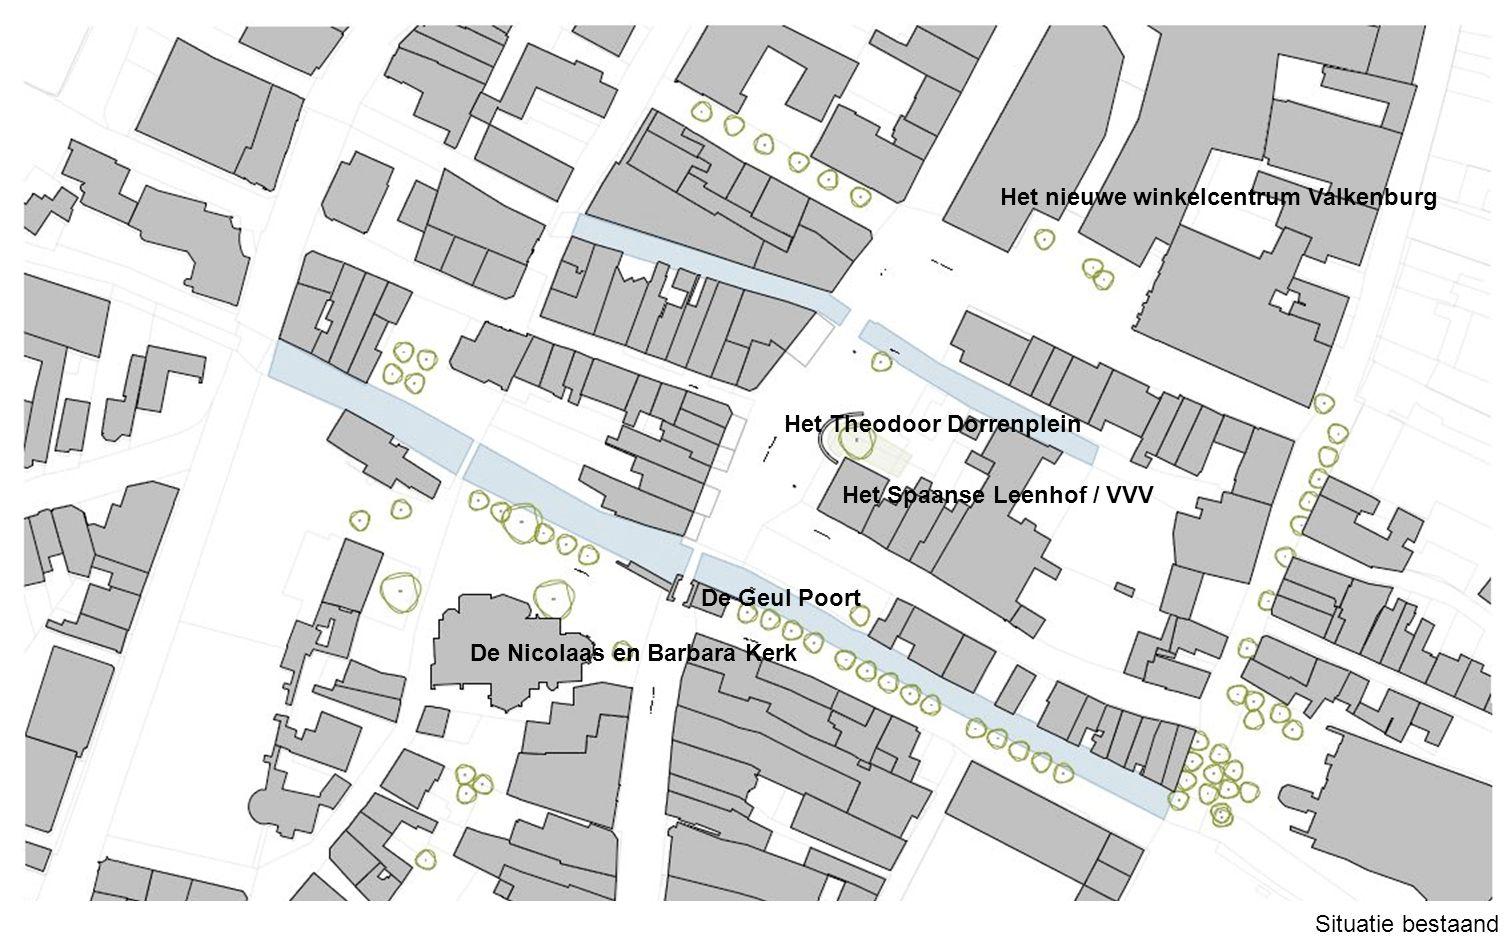 Situatie bestaand De Nicolaas en Barbara Kerk Het Theodoor Dorrenplein De Geul Poort Het Spaanse Leenhof / VVV Het nieuwe winkelcentrum Valkenburg